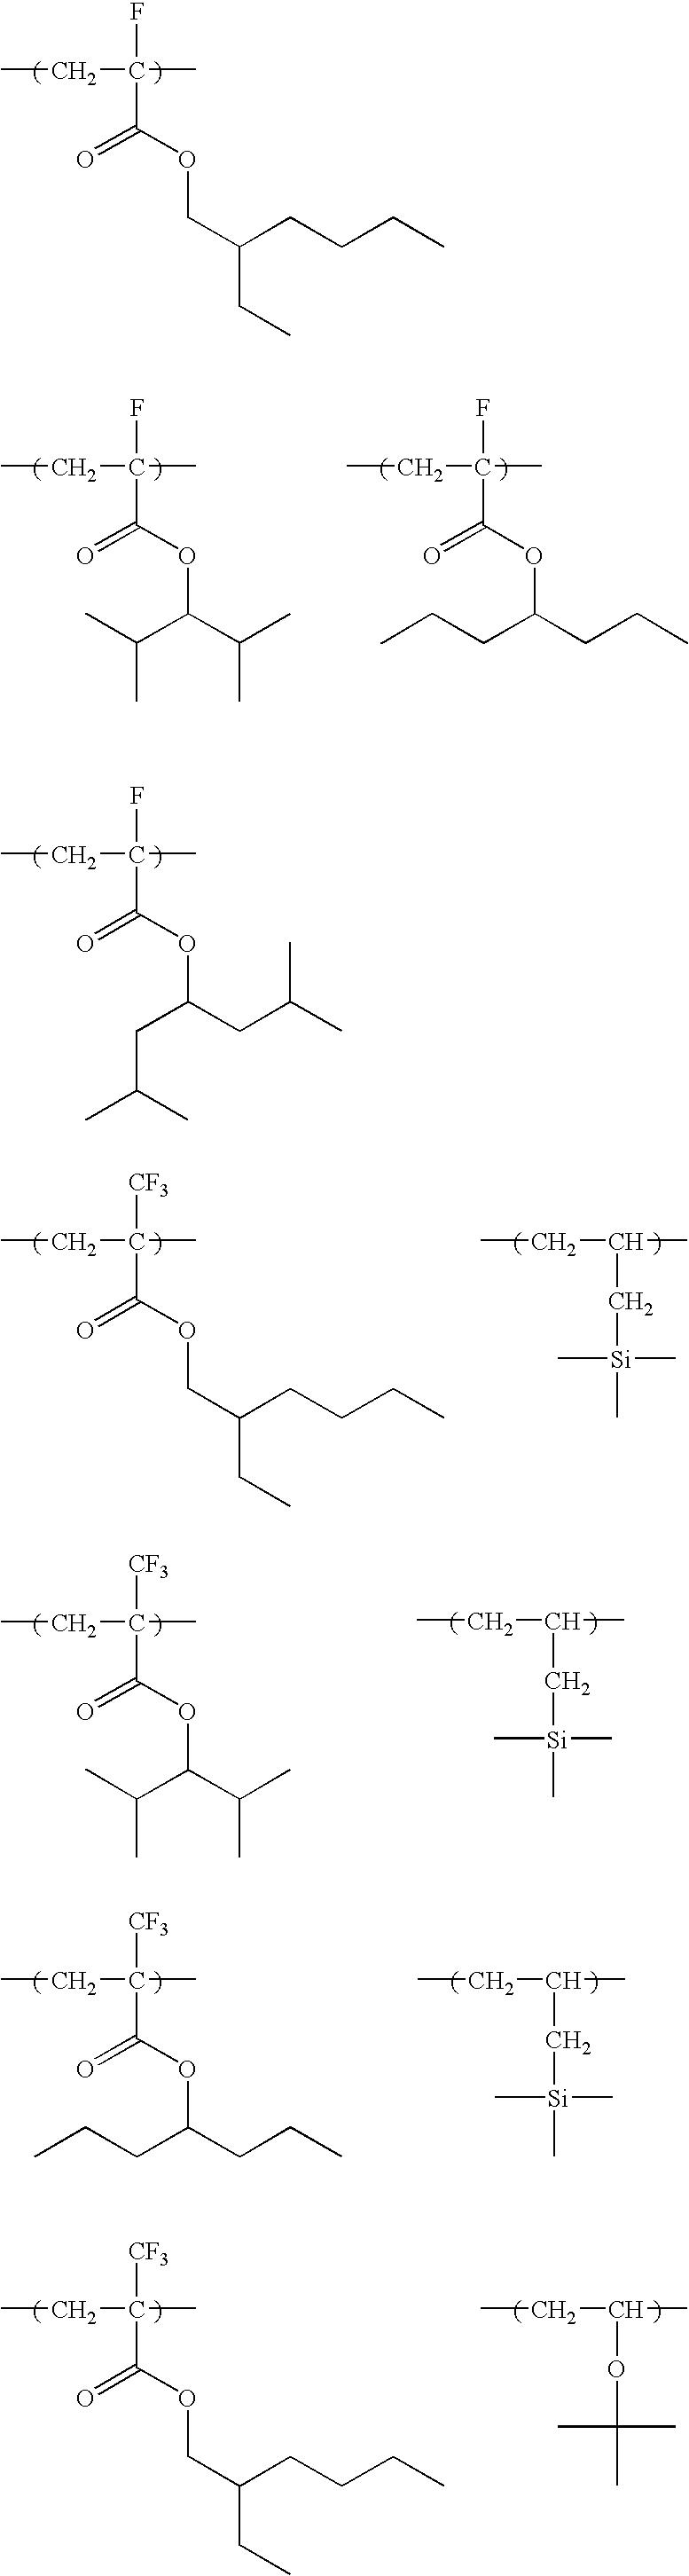 Figure US08530148-20130910-C00075